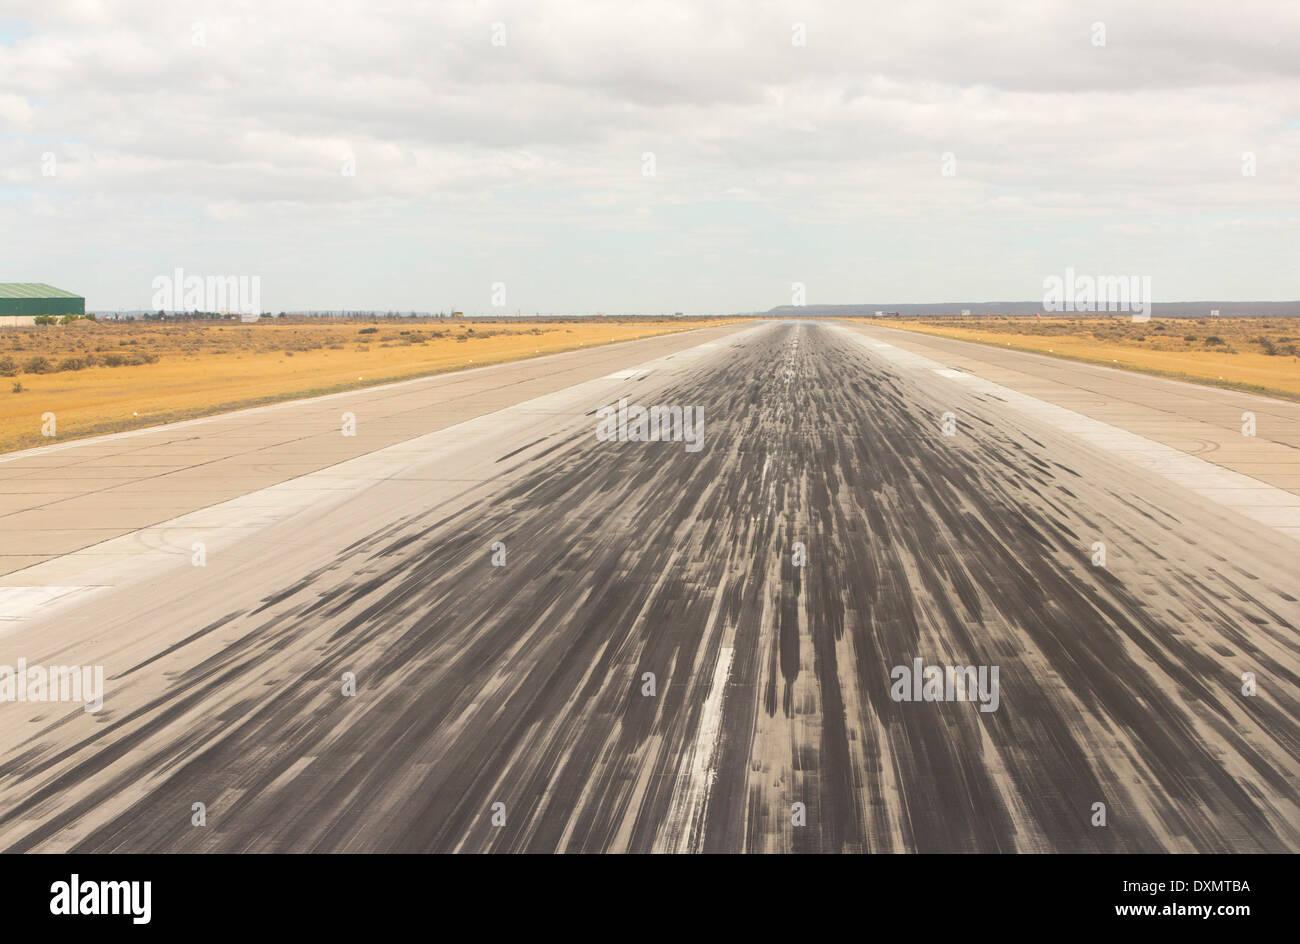 Des marques de dérapage sur la piste de l'aéroport de Trelew en Argentine. Photo Stock